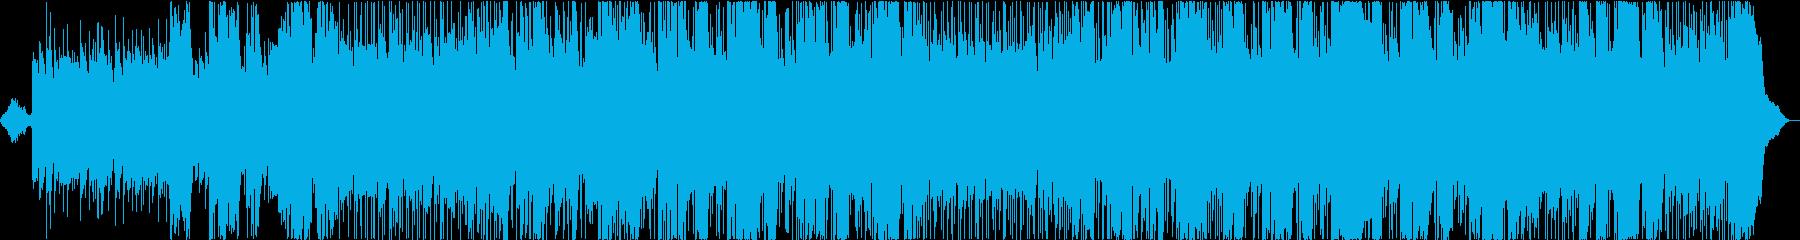 アコギ&伸びやかな男性Voバラードの再生済みの波形